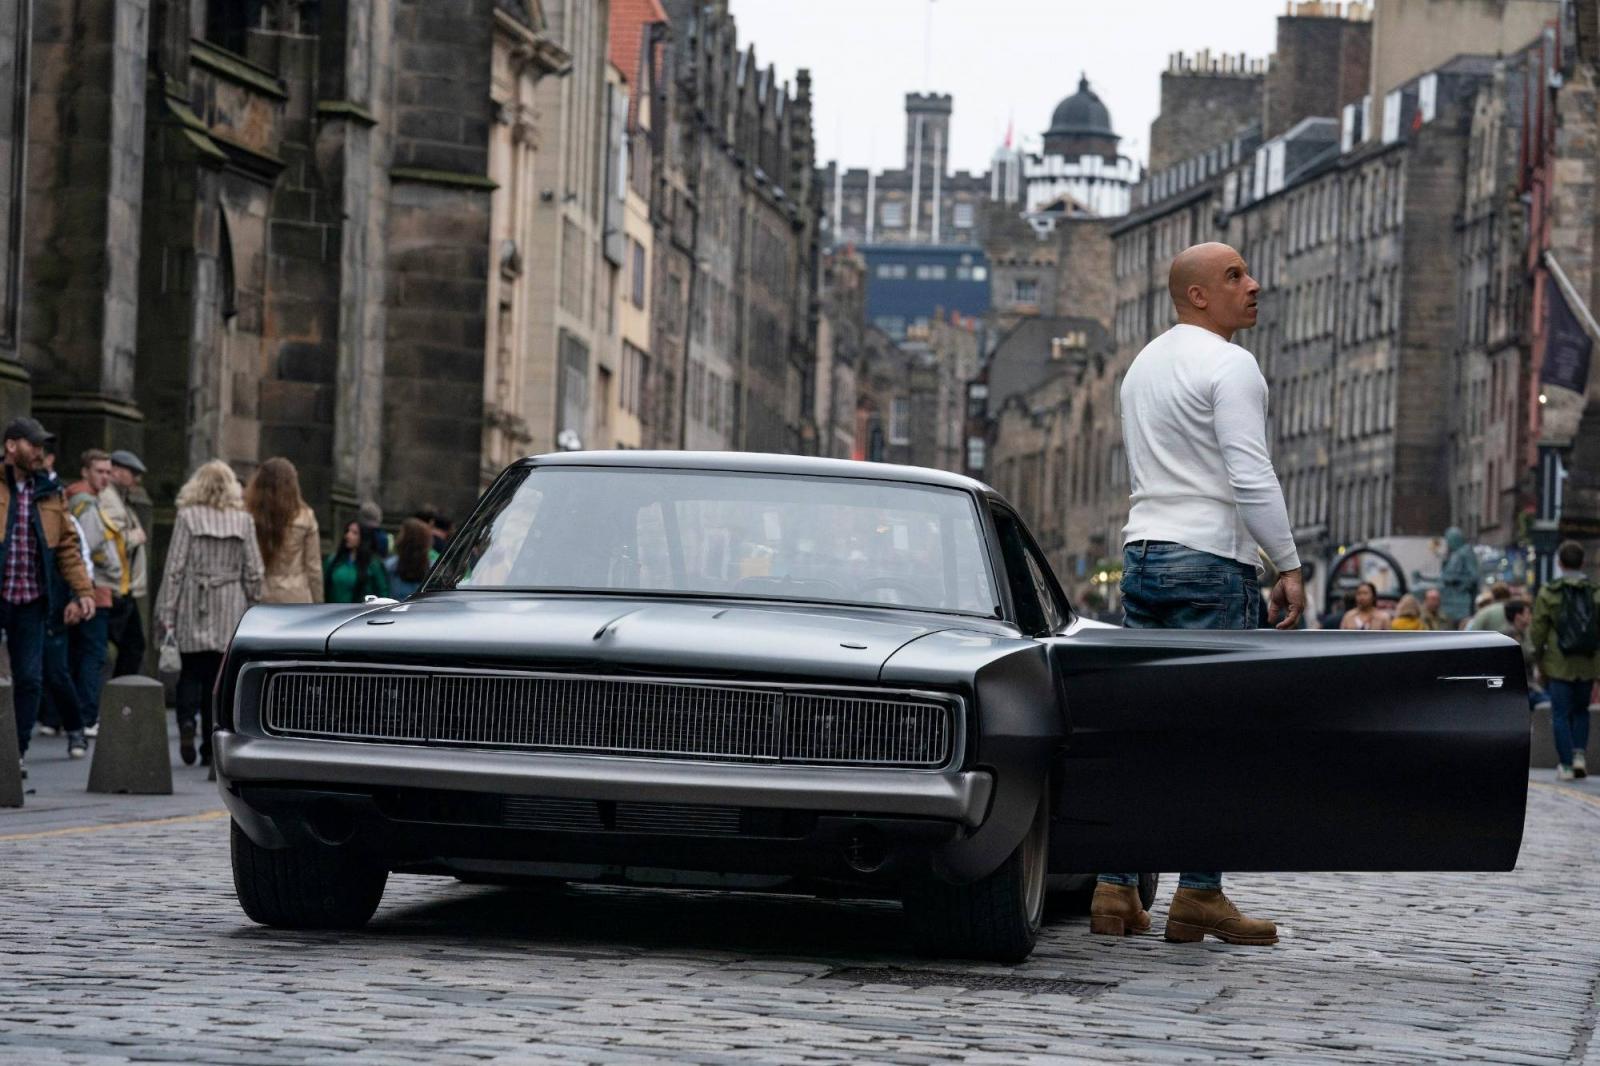 Velozes & Furiosos 9 | Conheça o carro criado exclusivamente para o filme